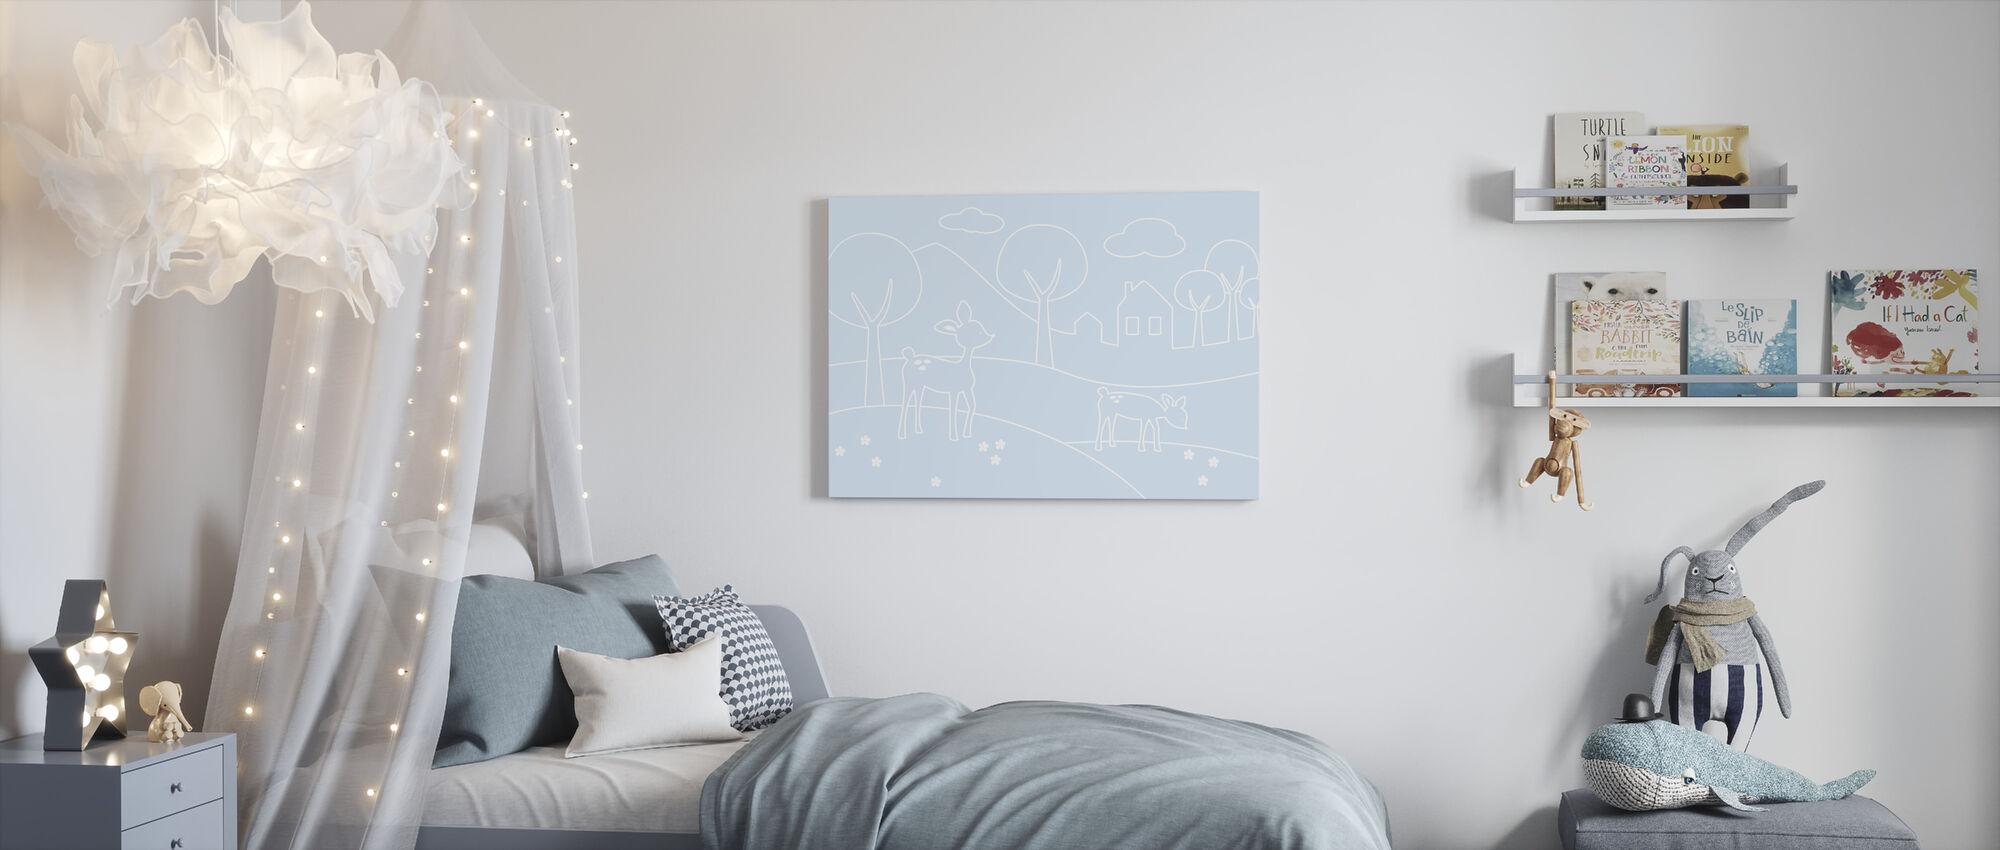 Herten wereld lijnen - lichtblauw - Canvas print - Kinderkamer